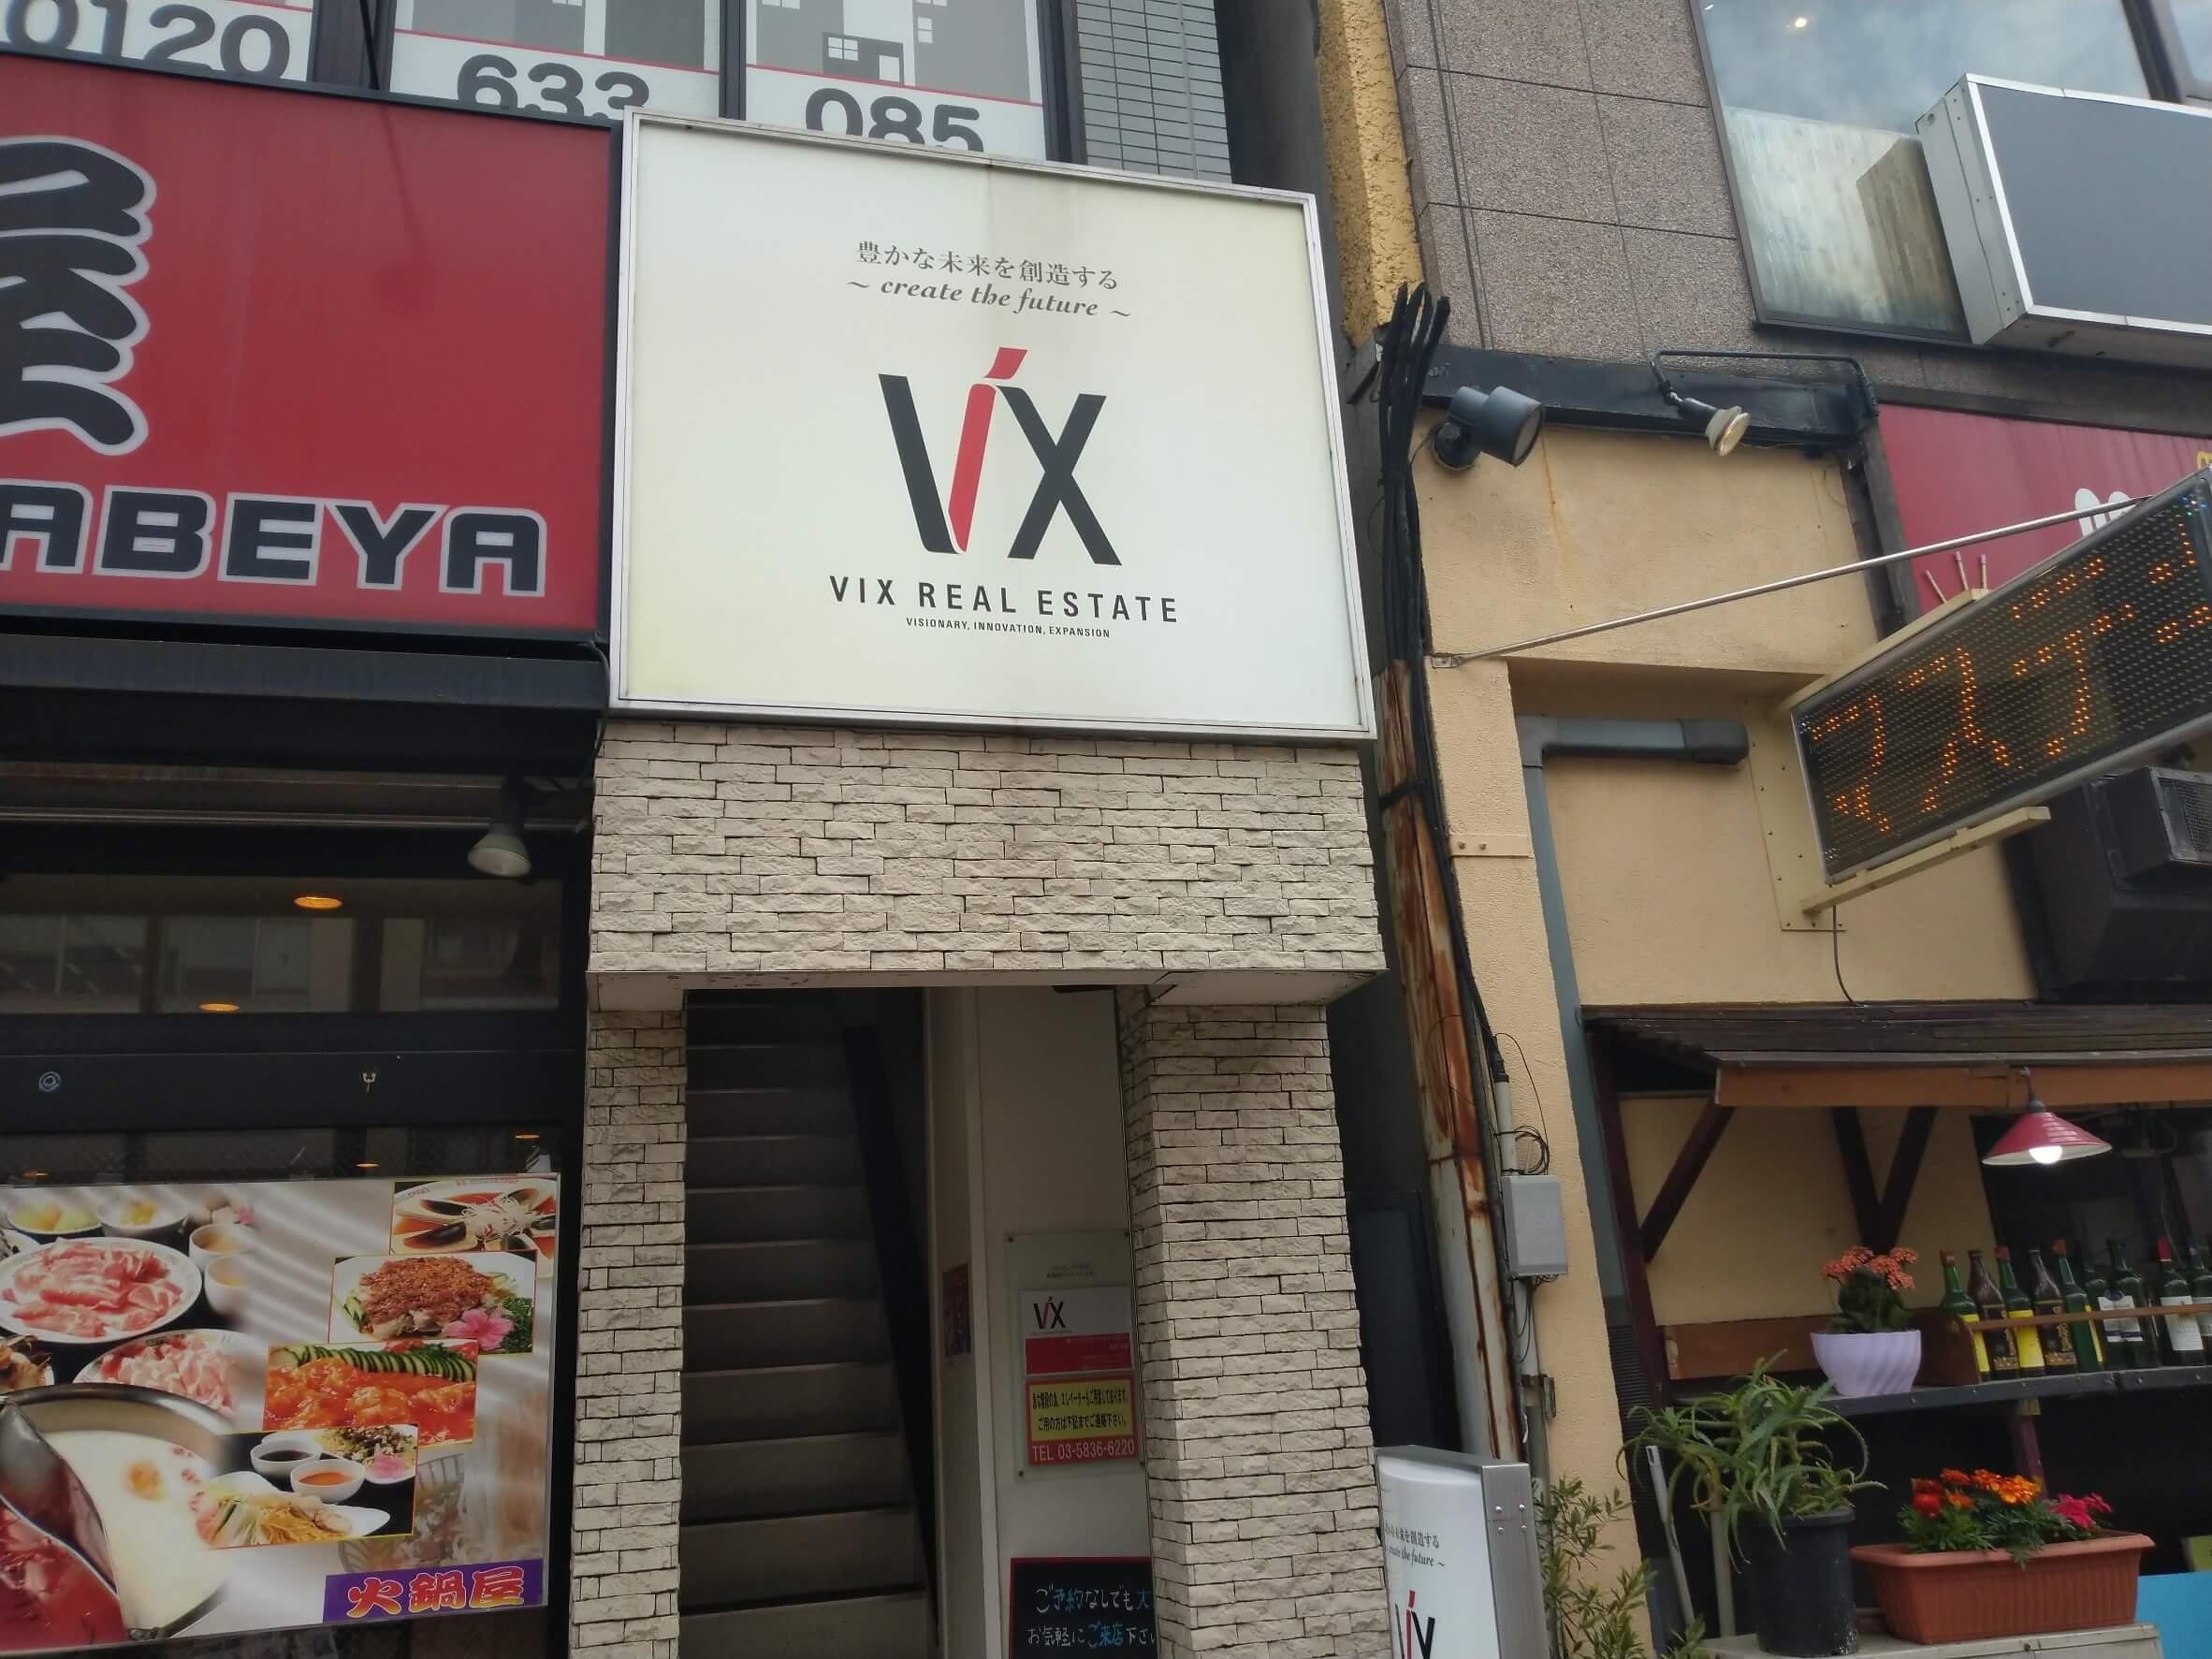 ヴィックスリアルエステート亀戸支店の外観